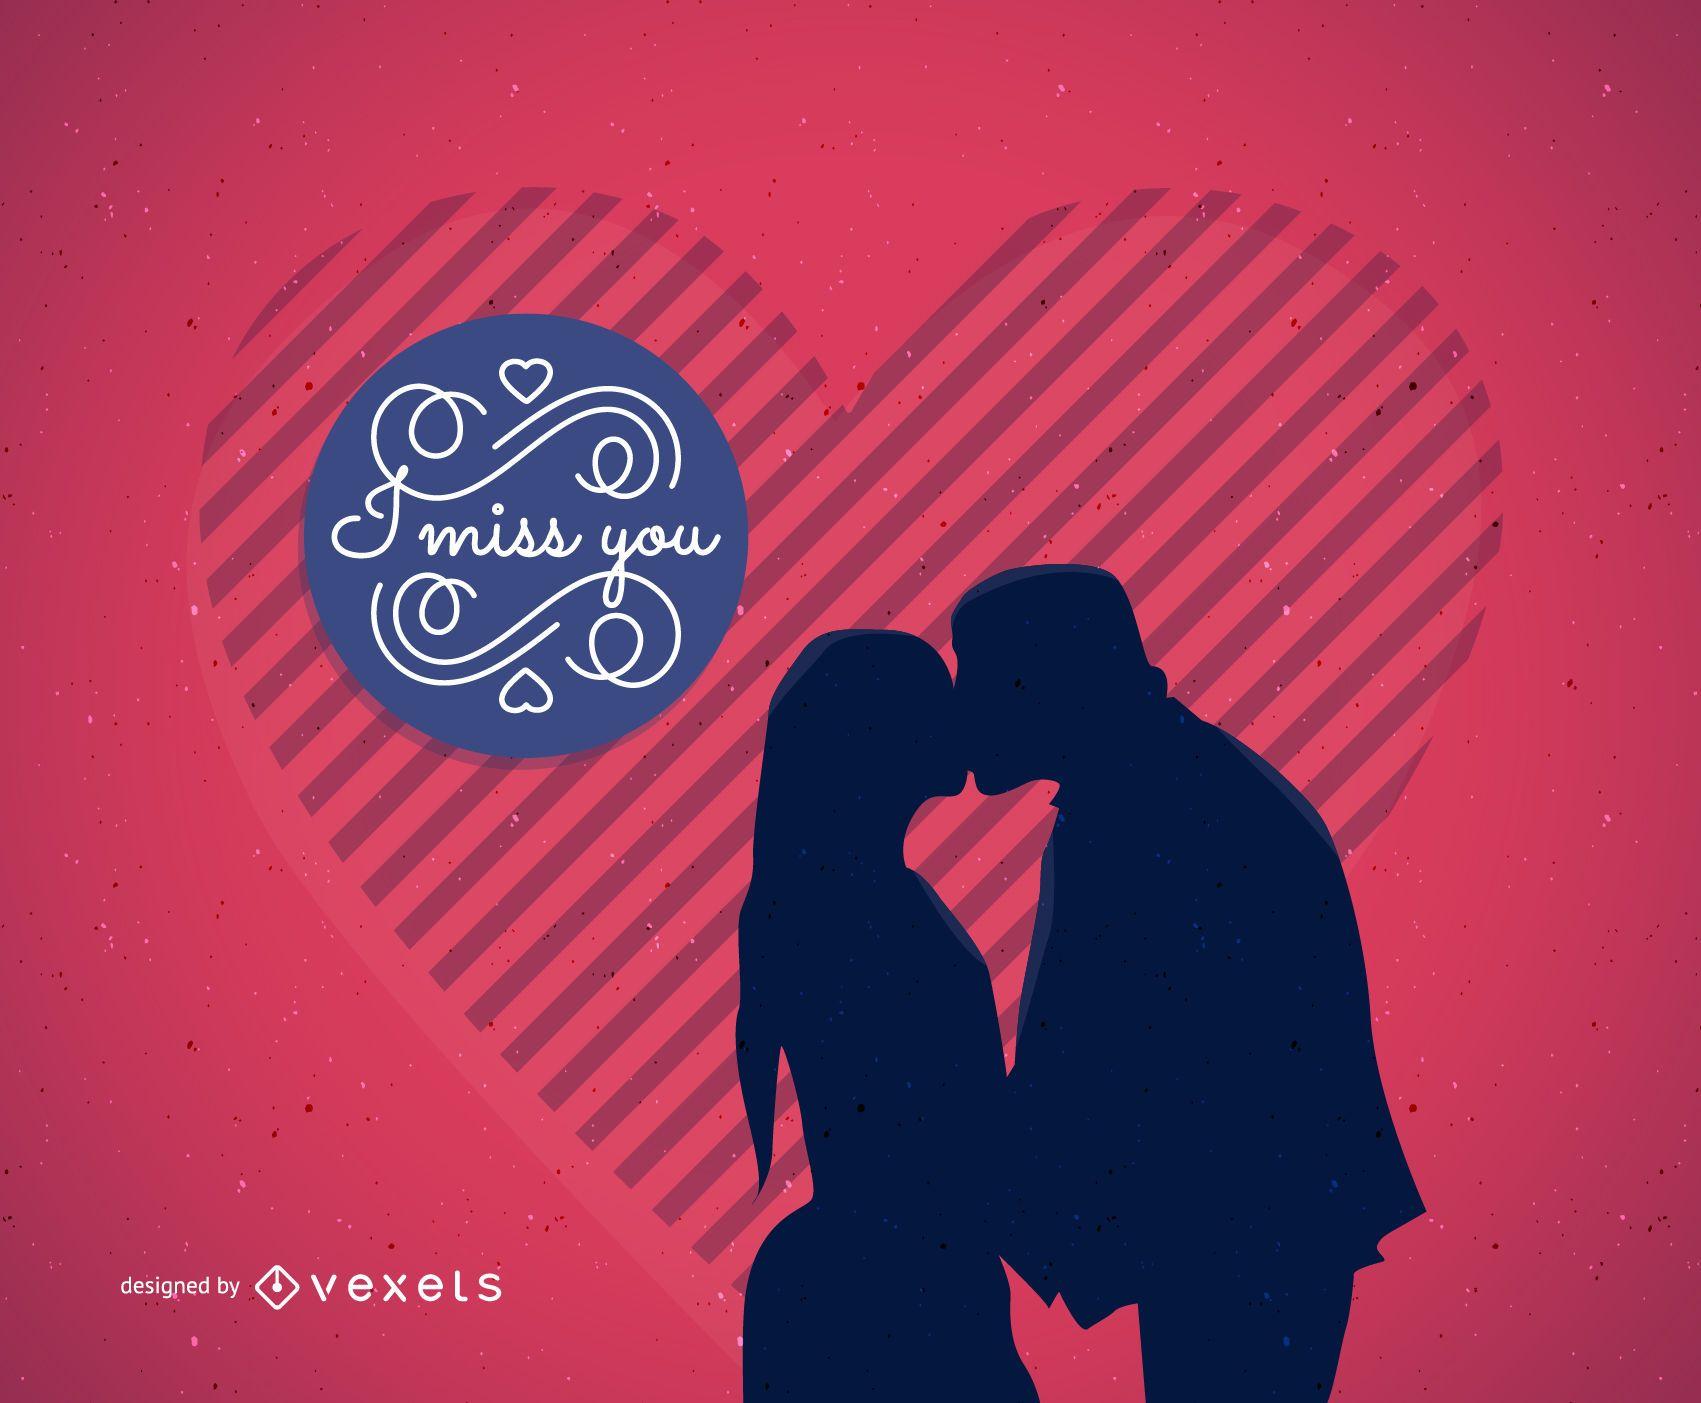 Tarjeta ilustrada de San Valentín